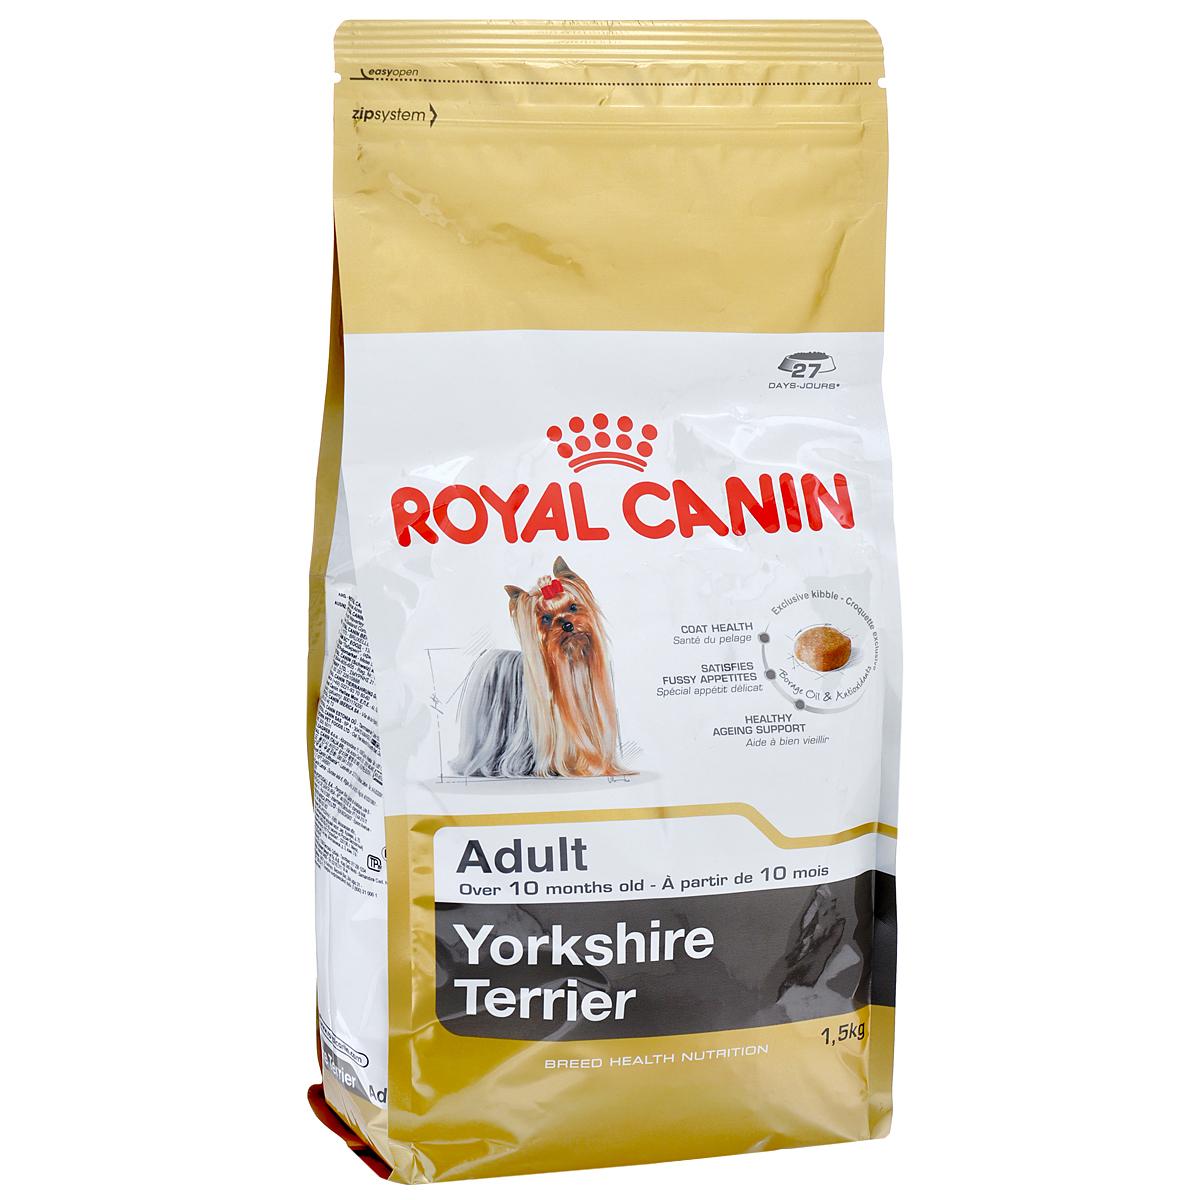 Корм сухой Royal Canin Yorkshire Terrier Adult, для собак породы йоркширский терьер в возрасте от 10 месяцев, 1,5 кг6857Корм сухой Royal Canin Yorkshire Terrier Adult - полнорационный корм для собак породы йоркширский терьер в возрасте от 10 месяцев. Йоркширский терьер — это сказочное создание, которое очаровывает с первой минуты знакомства с ним. Тоненькие, хрупкие и изящные йорки в силу своей физиологии нуждаются в максимальном поступлении в организм аминокислот, необходимых для развития шерсти и ее быстрого роста. Многие корма для йорков имеют крокеты слишком крупного размера, тогда как продукция Royal Canin Yorkshire Terrier Adult разработана специально для небольших челюстей этих собак. Здоровая шерсть. Эта эксклюзивная формула поддерживает здоровье и красоту шерсти йоркширского терьера. Корм обогащен жирными кислотами Омега-3 (EPA и DHA) и Омега-6, маслом бурачника и биотином. Вкусовая привлекательность. Благодаря высокой вкусовой привлекательности корм способен удовлетворить потребности даже самых привередливых питомцев. Долголетие. Особый комплекс с...